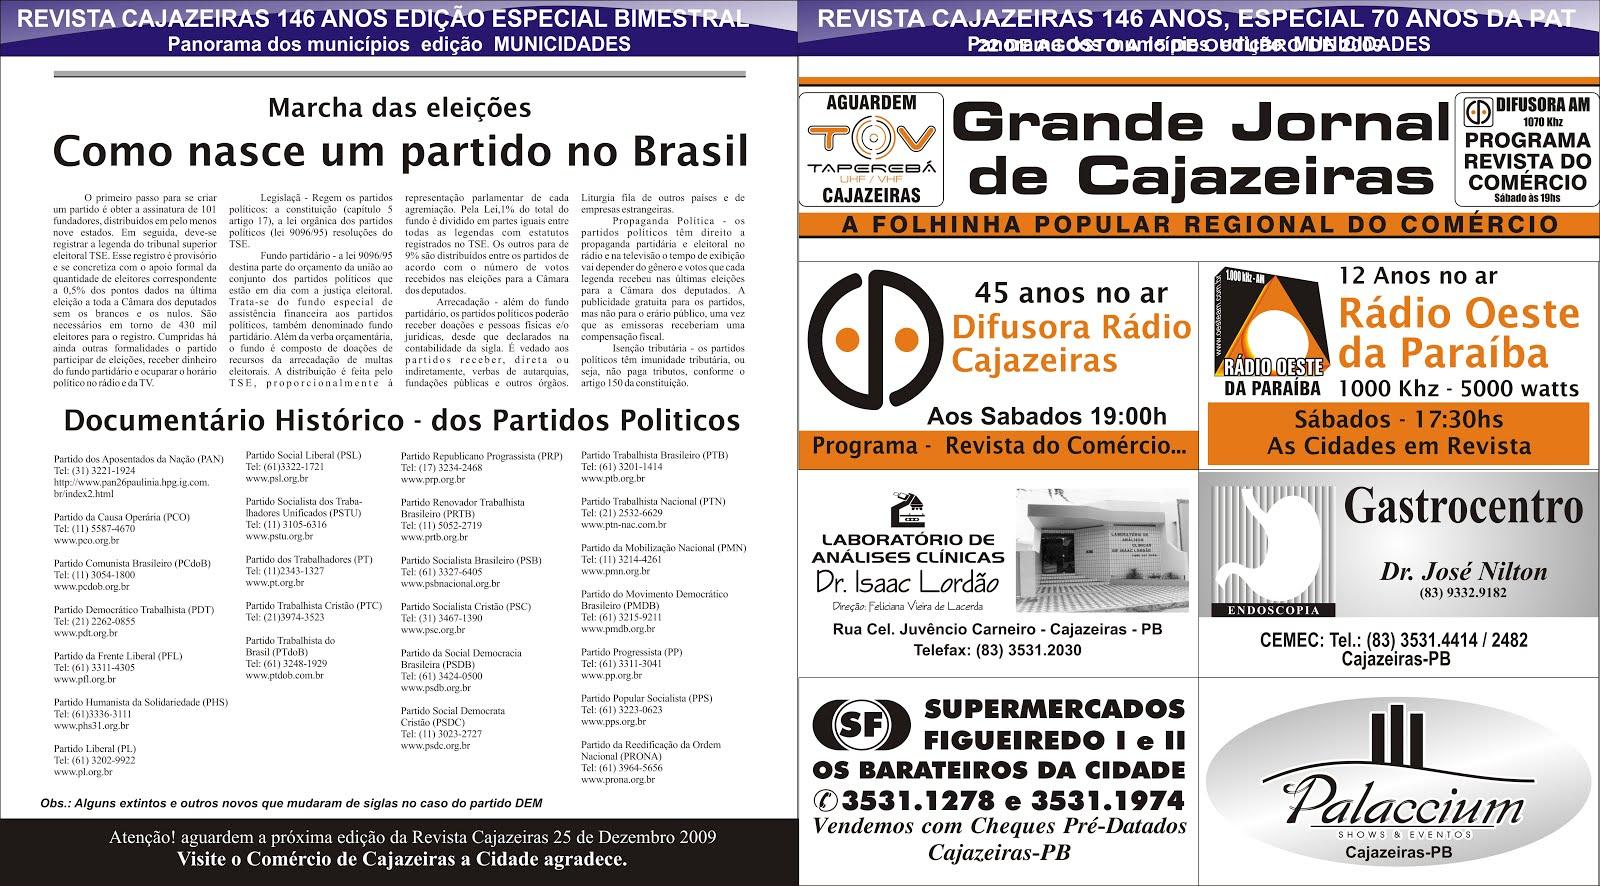 GRANDE JORNAL DO ESTADO  NA COBERTURA DAS ELEIÇÕES